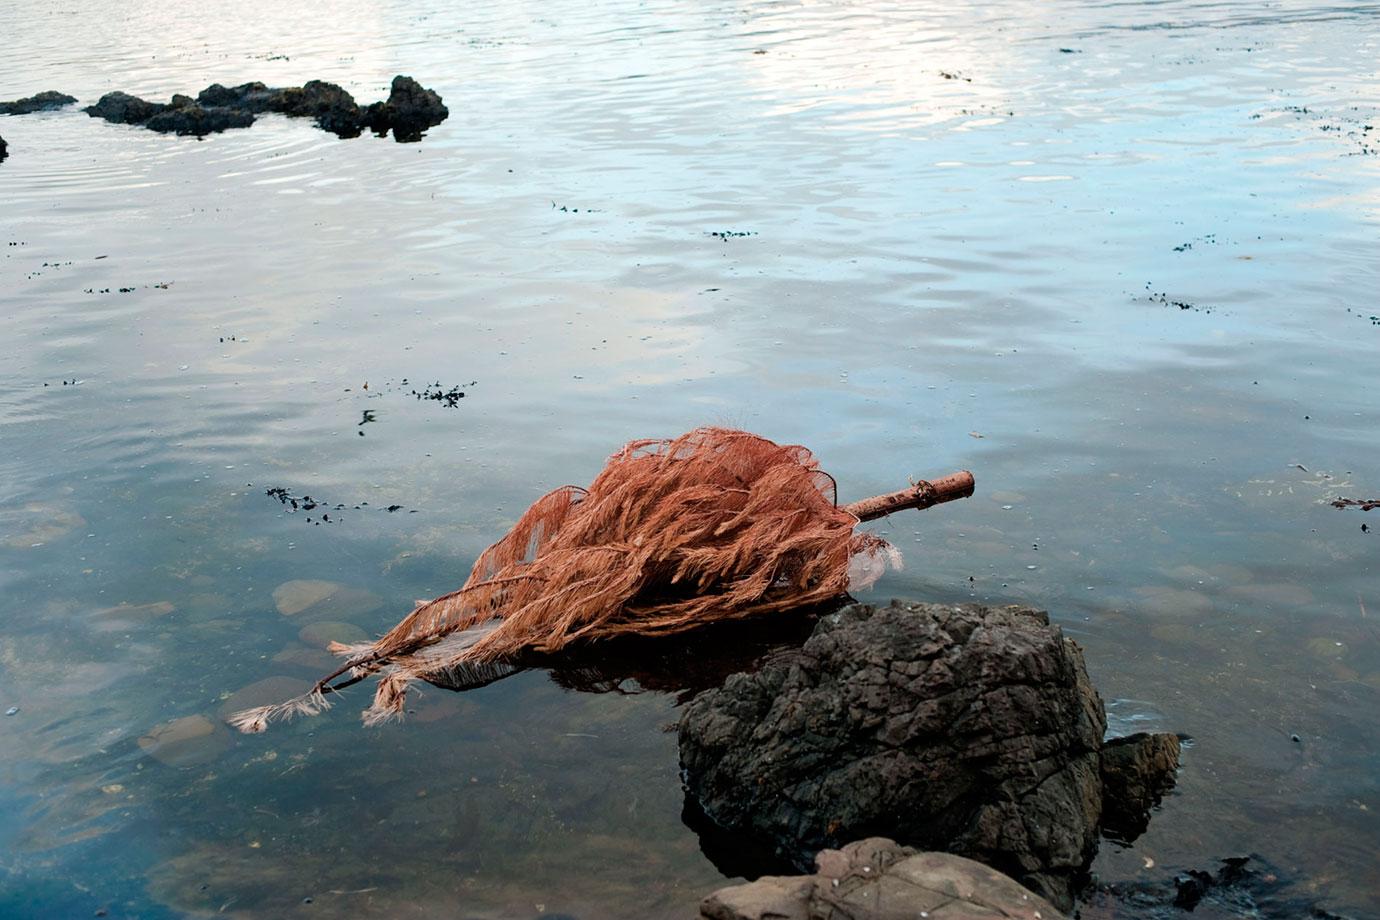 xmas-tree_2011-bruce-foster.jpg